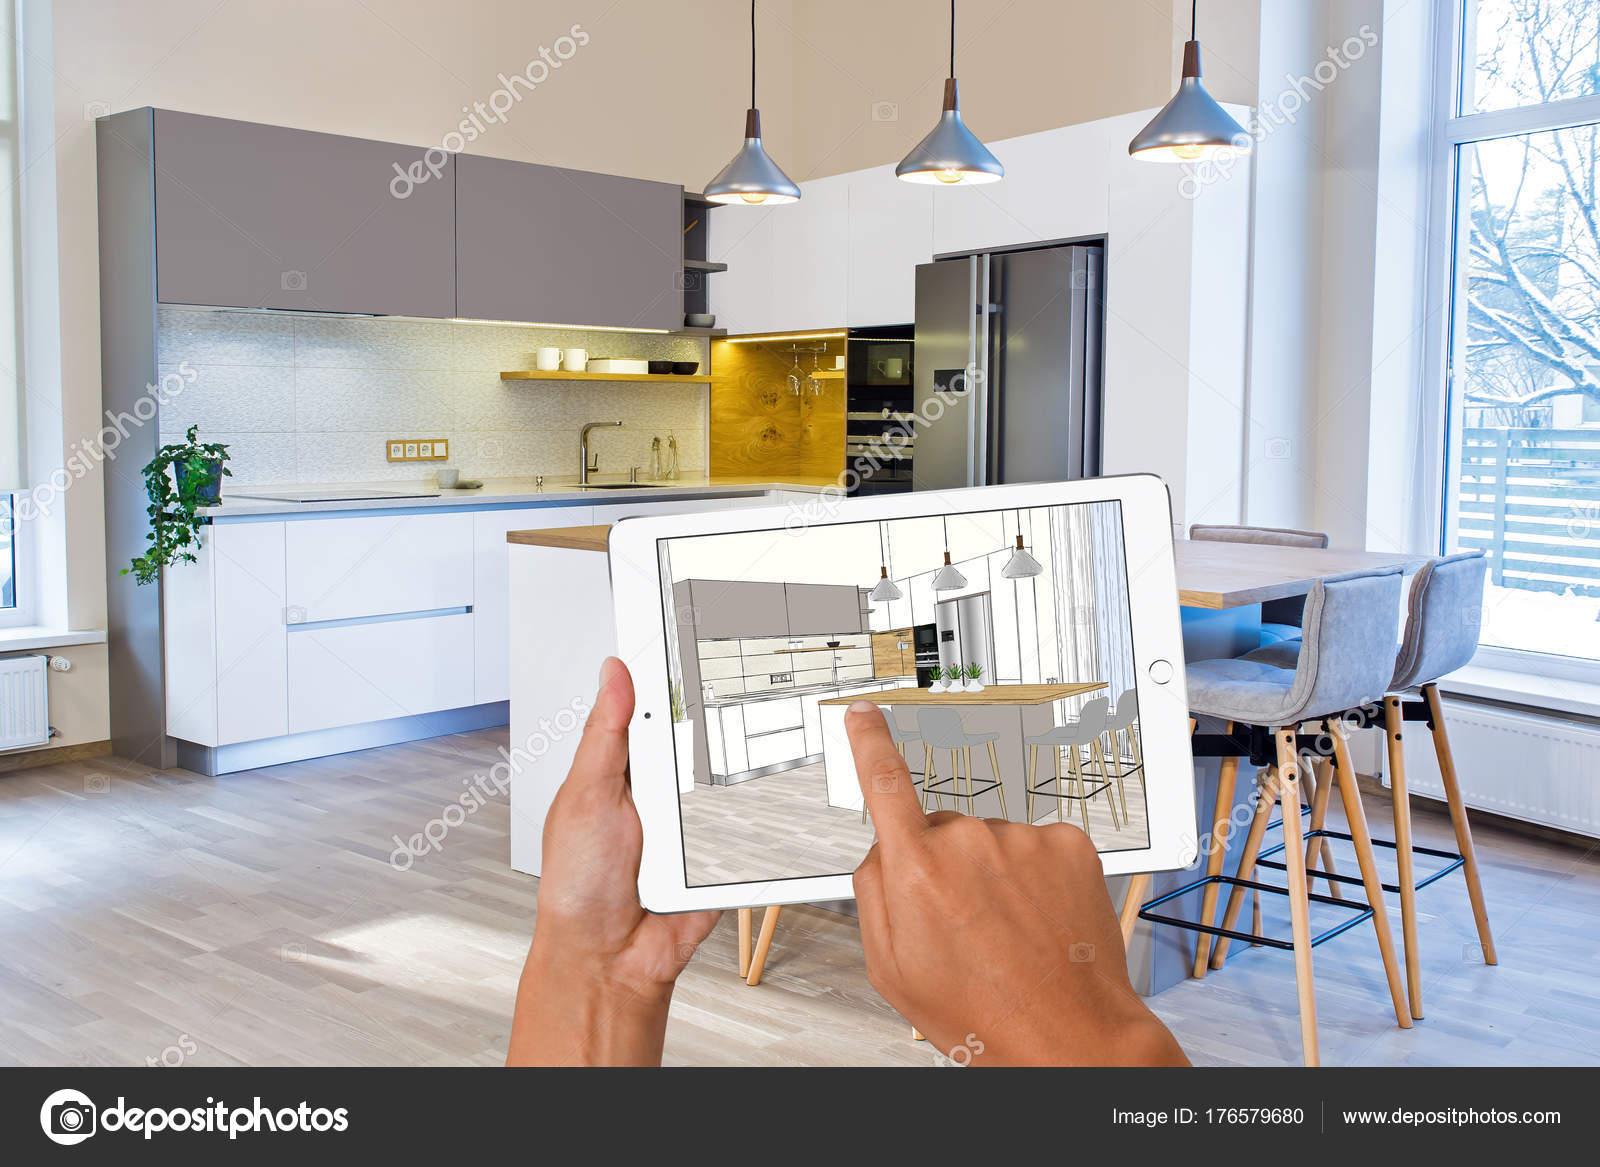 Hände Halten Tablet Mit Küche Interieur Skizze. Im Realen Hintergrund  Fertig Küche Interior Design. Küche Präsentation. Esstisch.